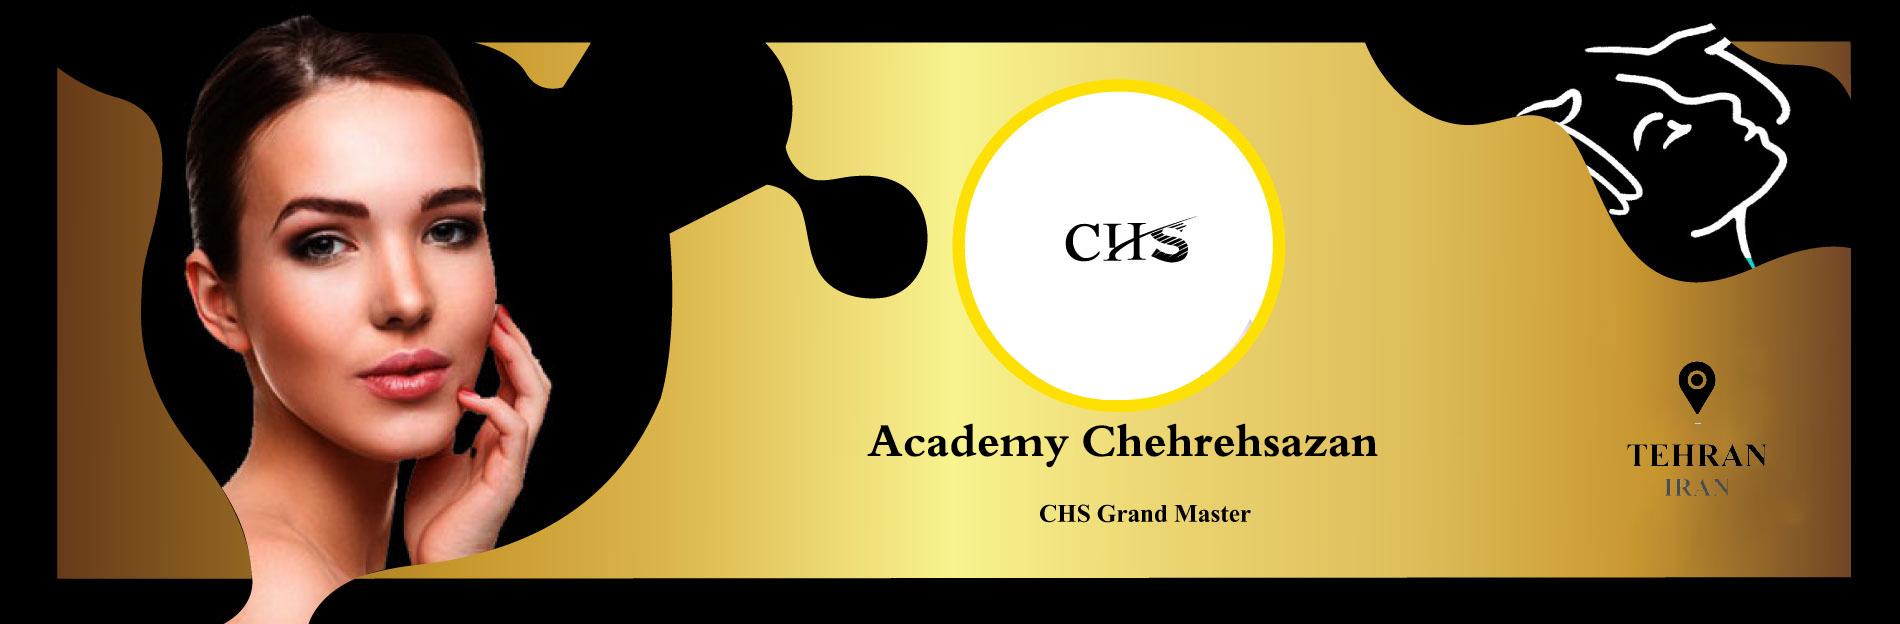 Chehrehsazan Academy,chs